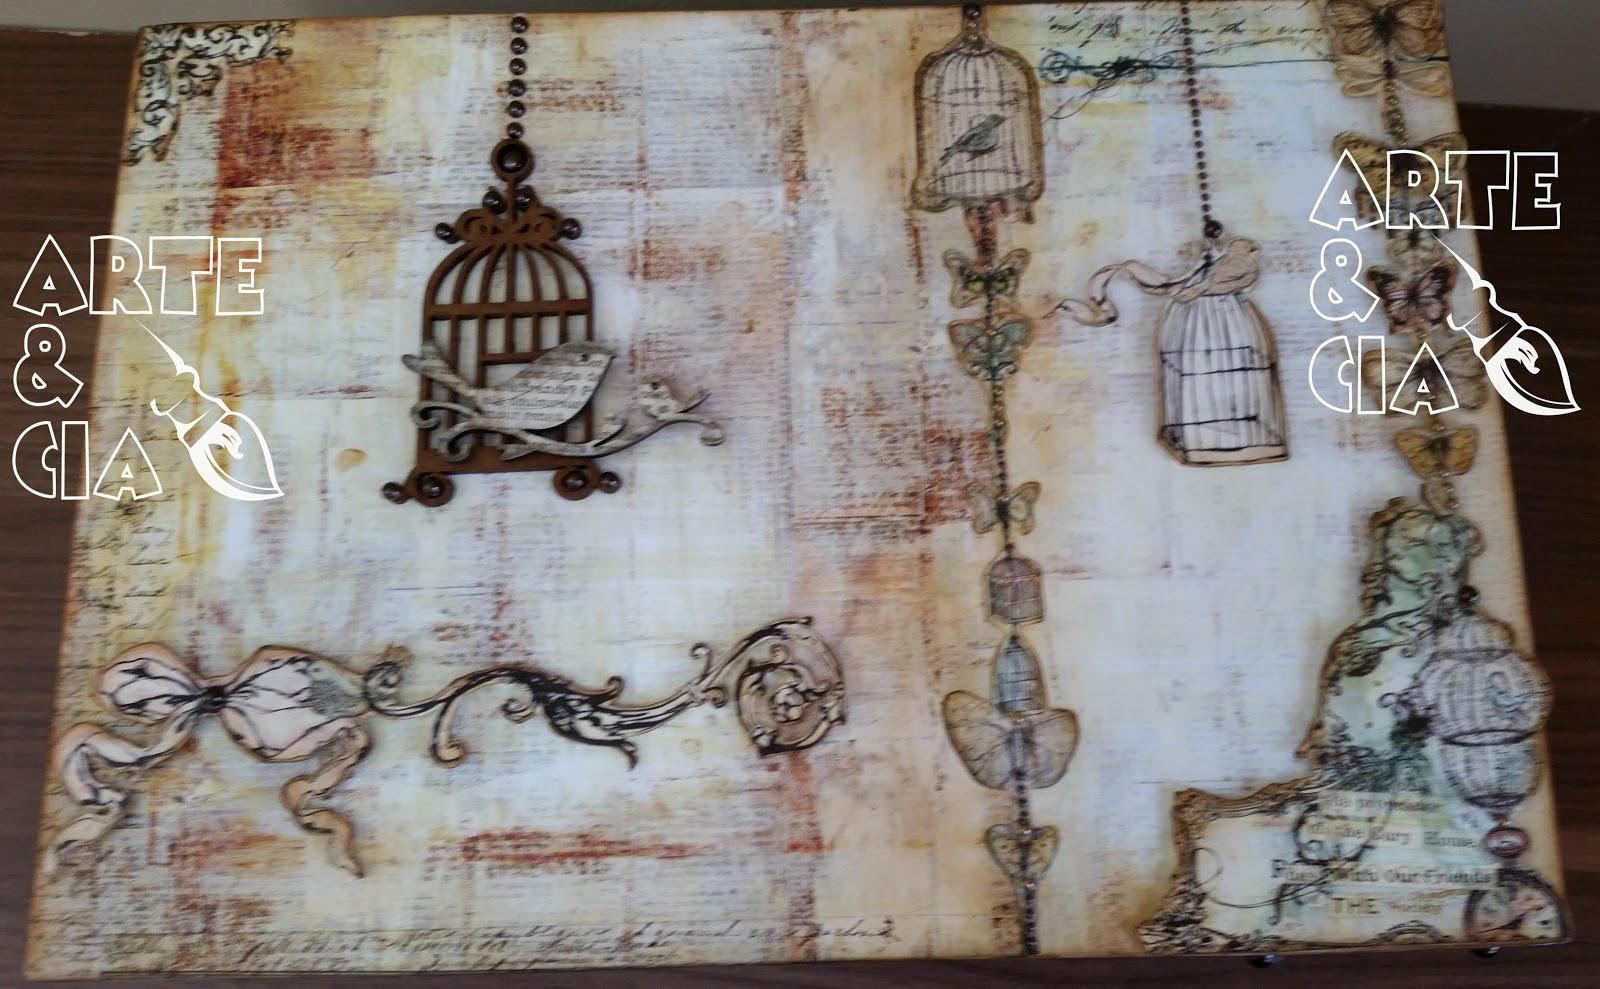 Caixa de passarinhos e gaiolas: scrapbooking e apliques de madeira  #624B3C 1600x989